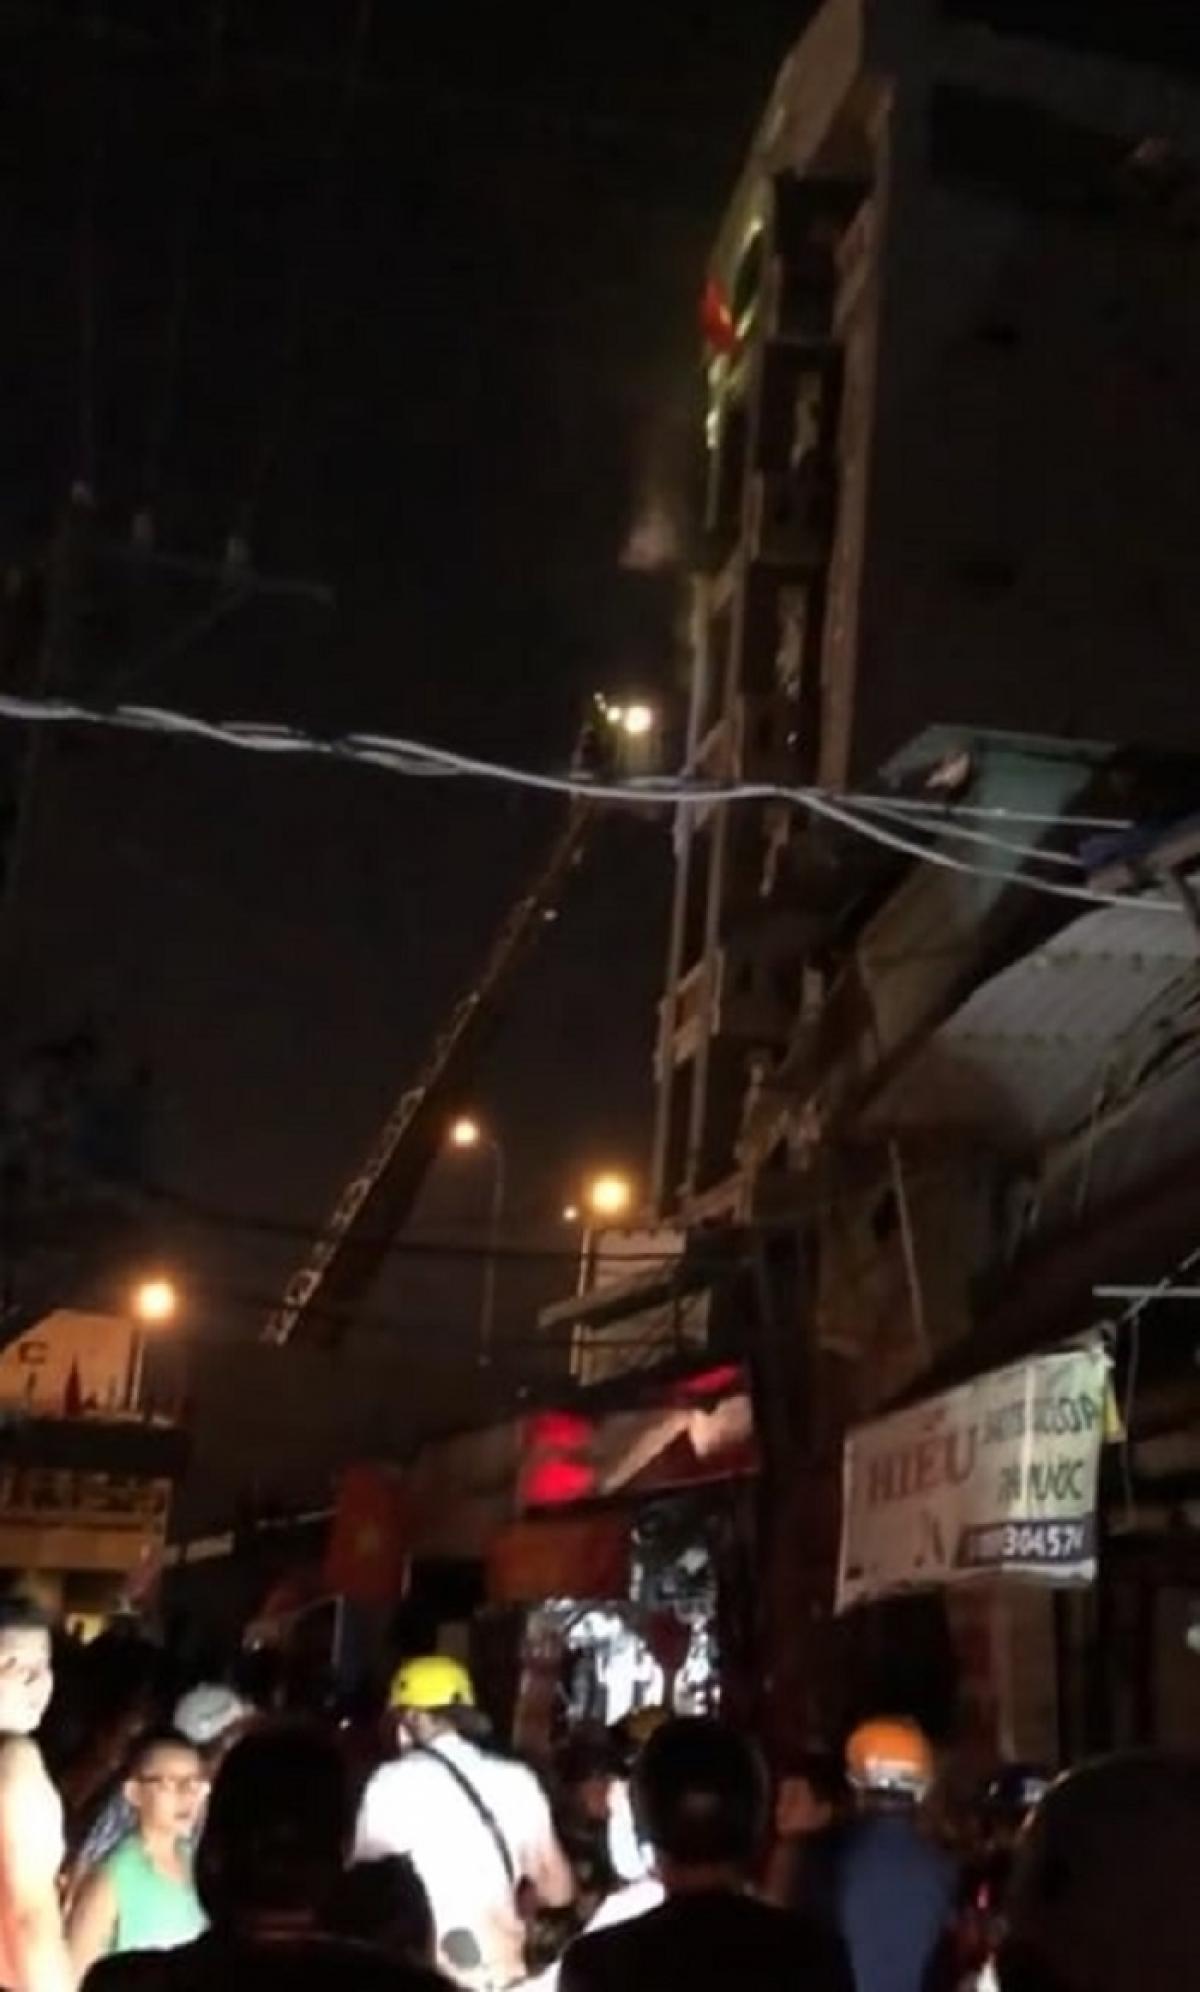 Cảnh sát dùng xe thang để tiếp cận đám cháy và giải cứu nạn nhân mắc kẹt